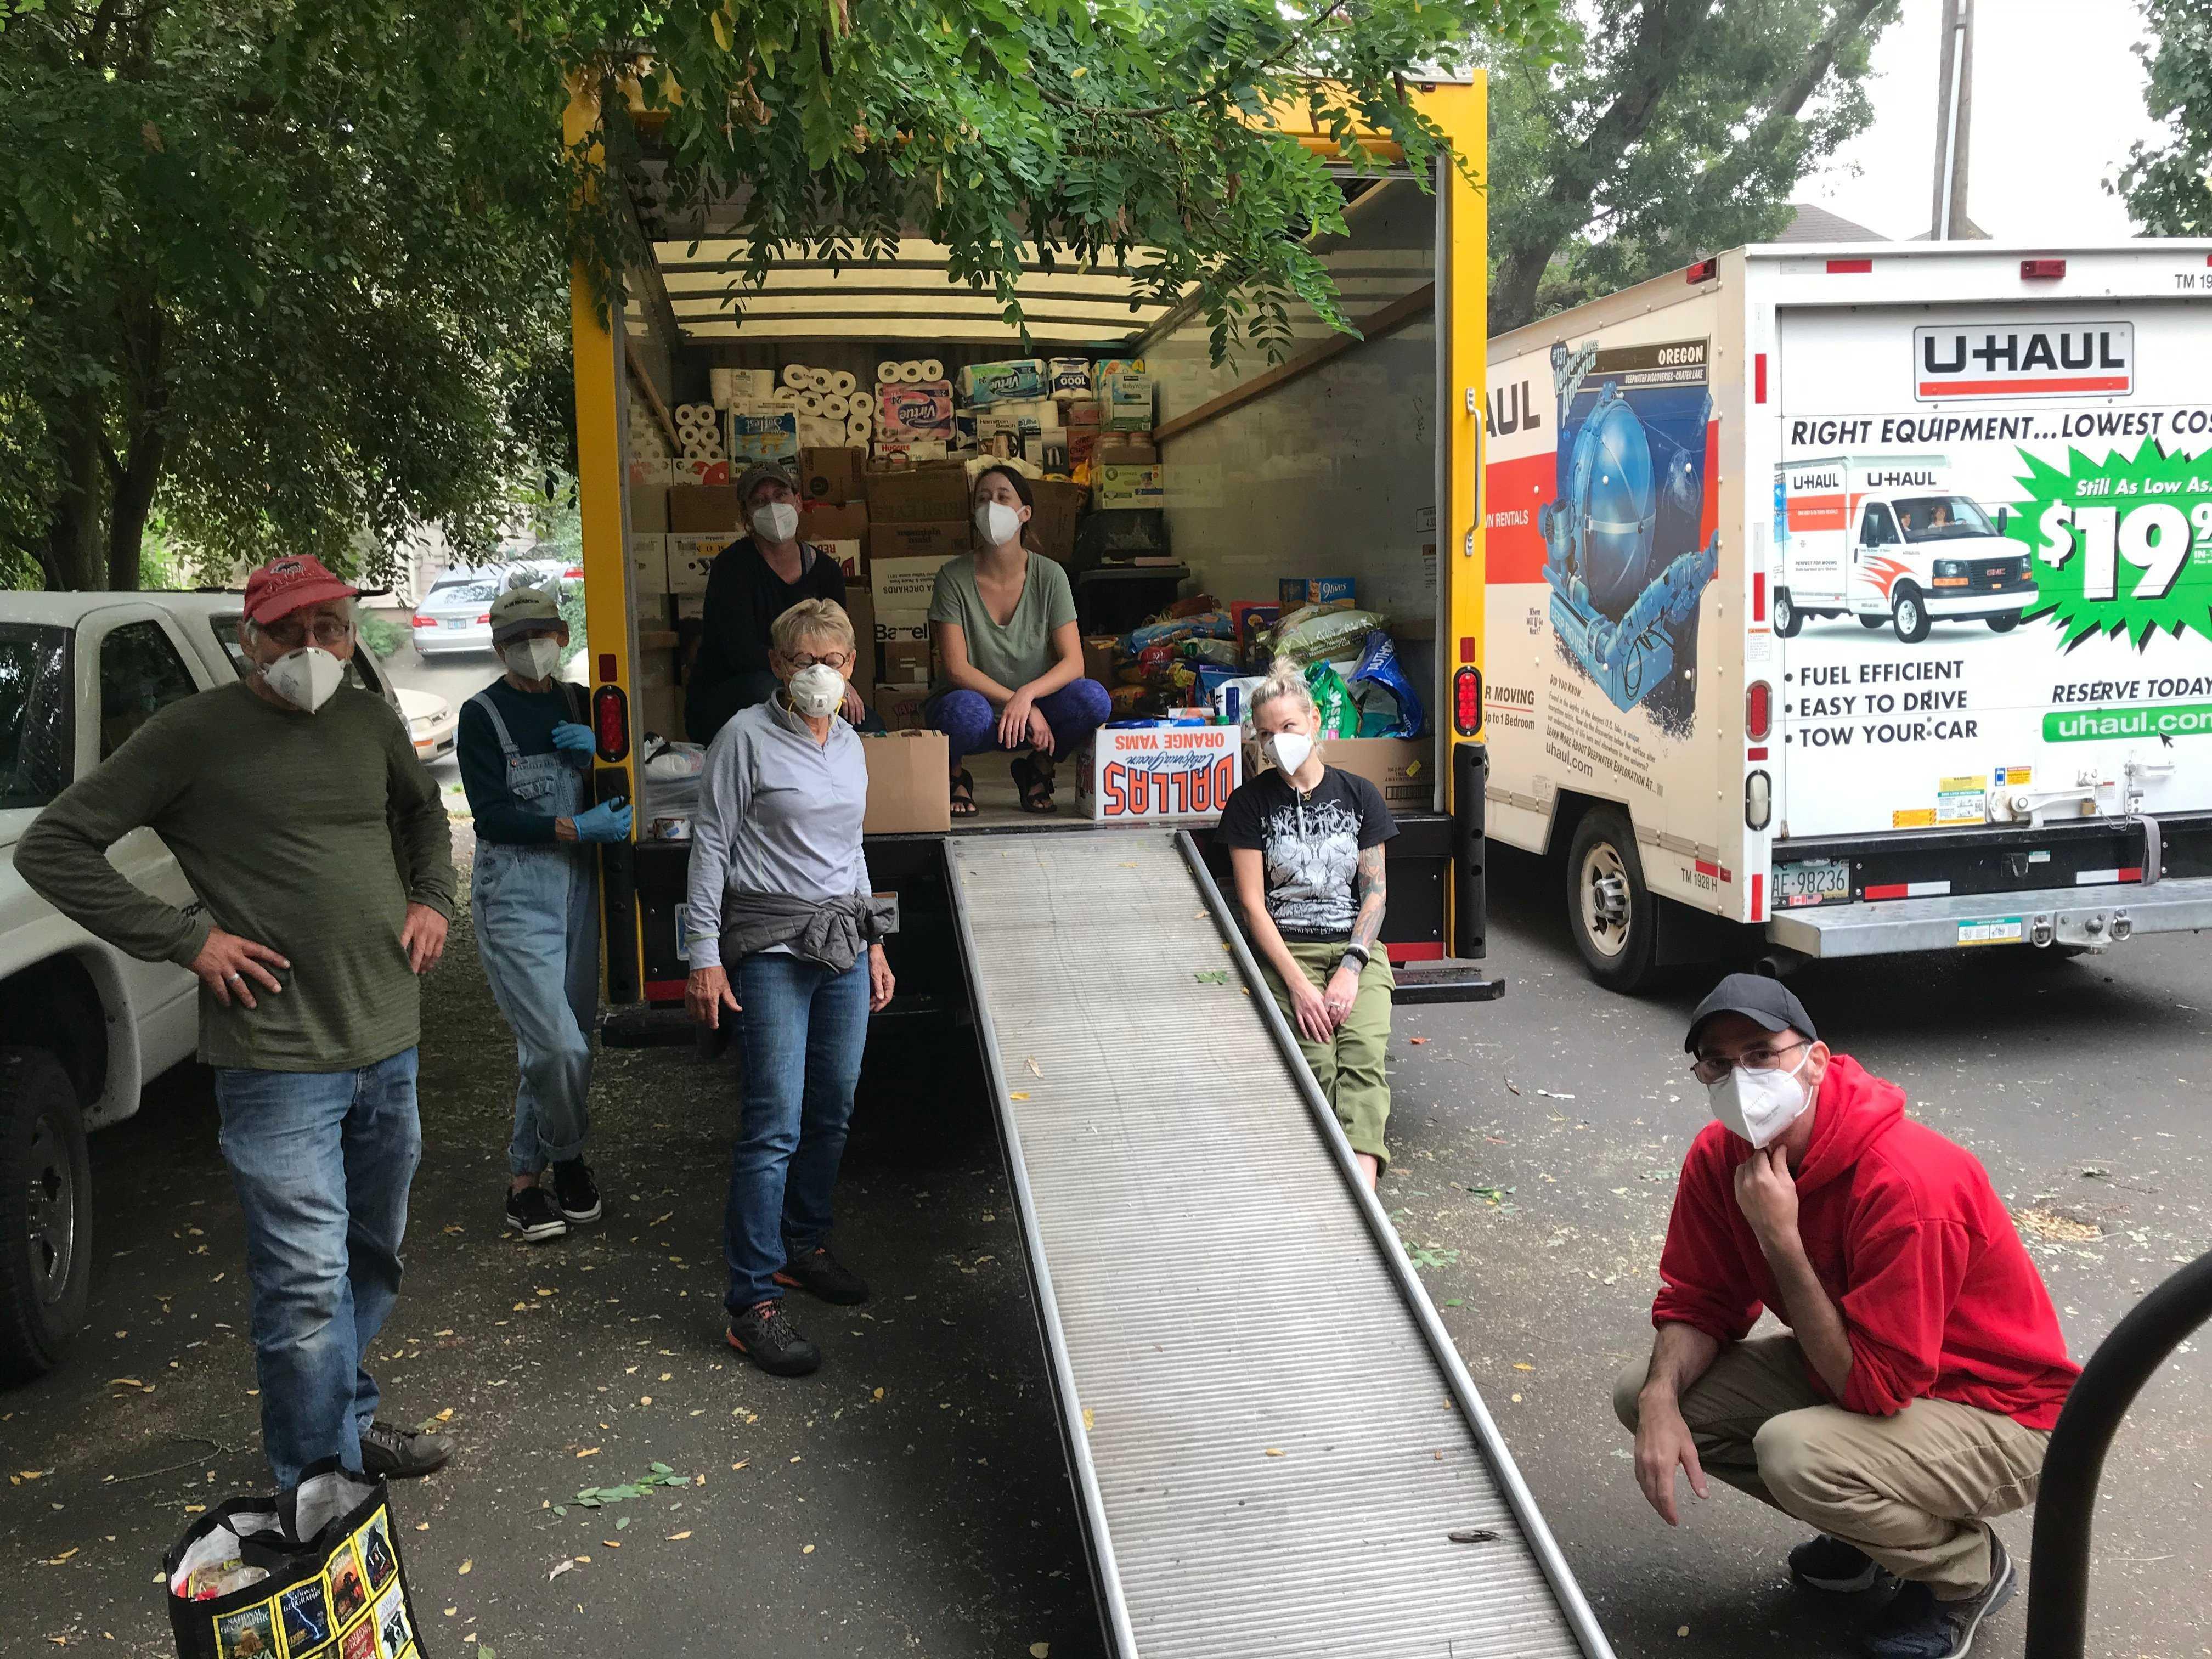 Volunteers_helping_with_wildfires_image_2.jpg